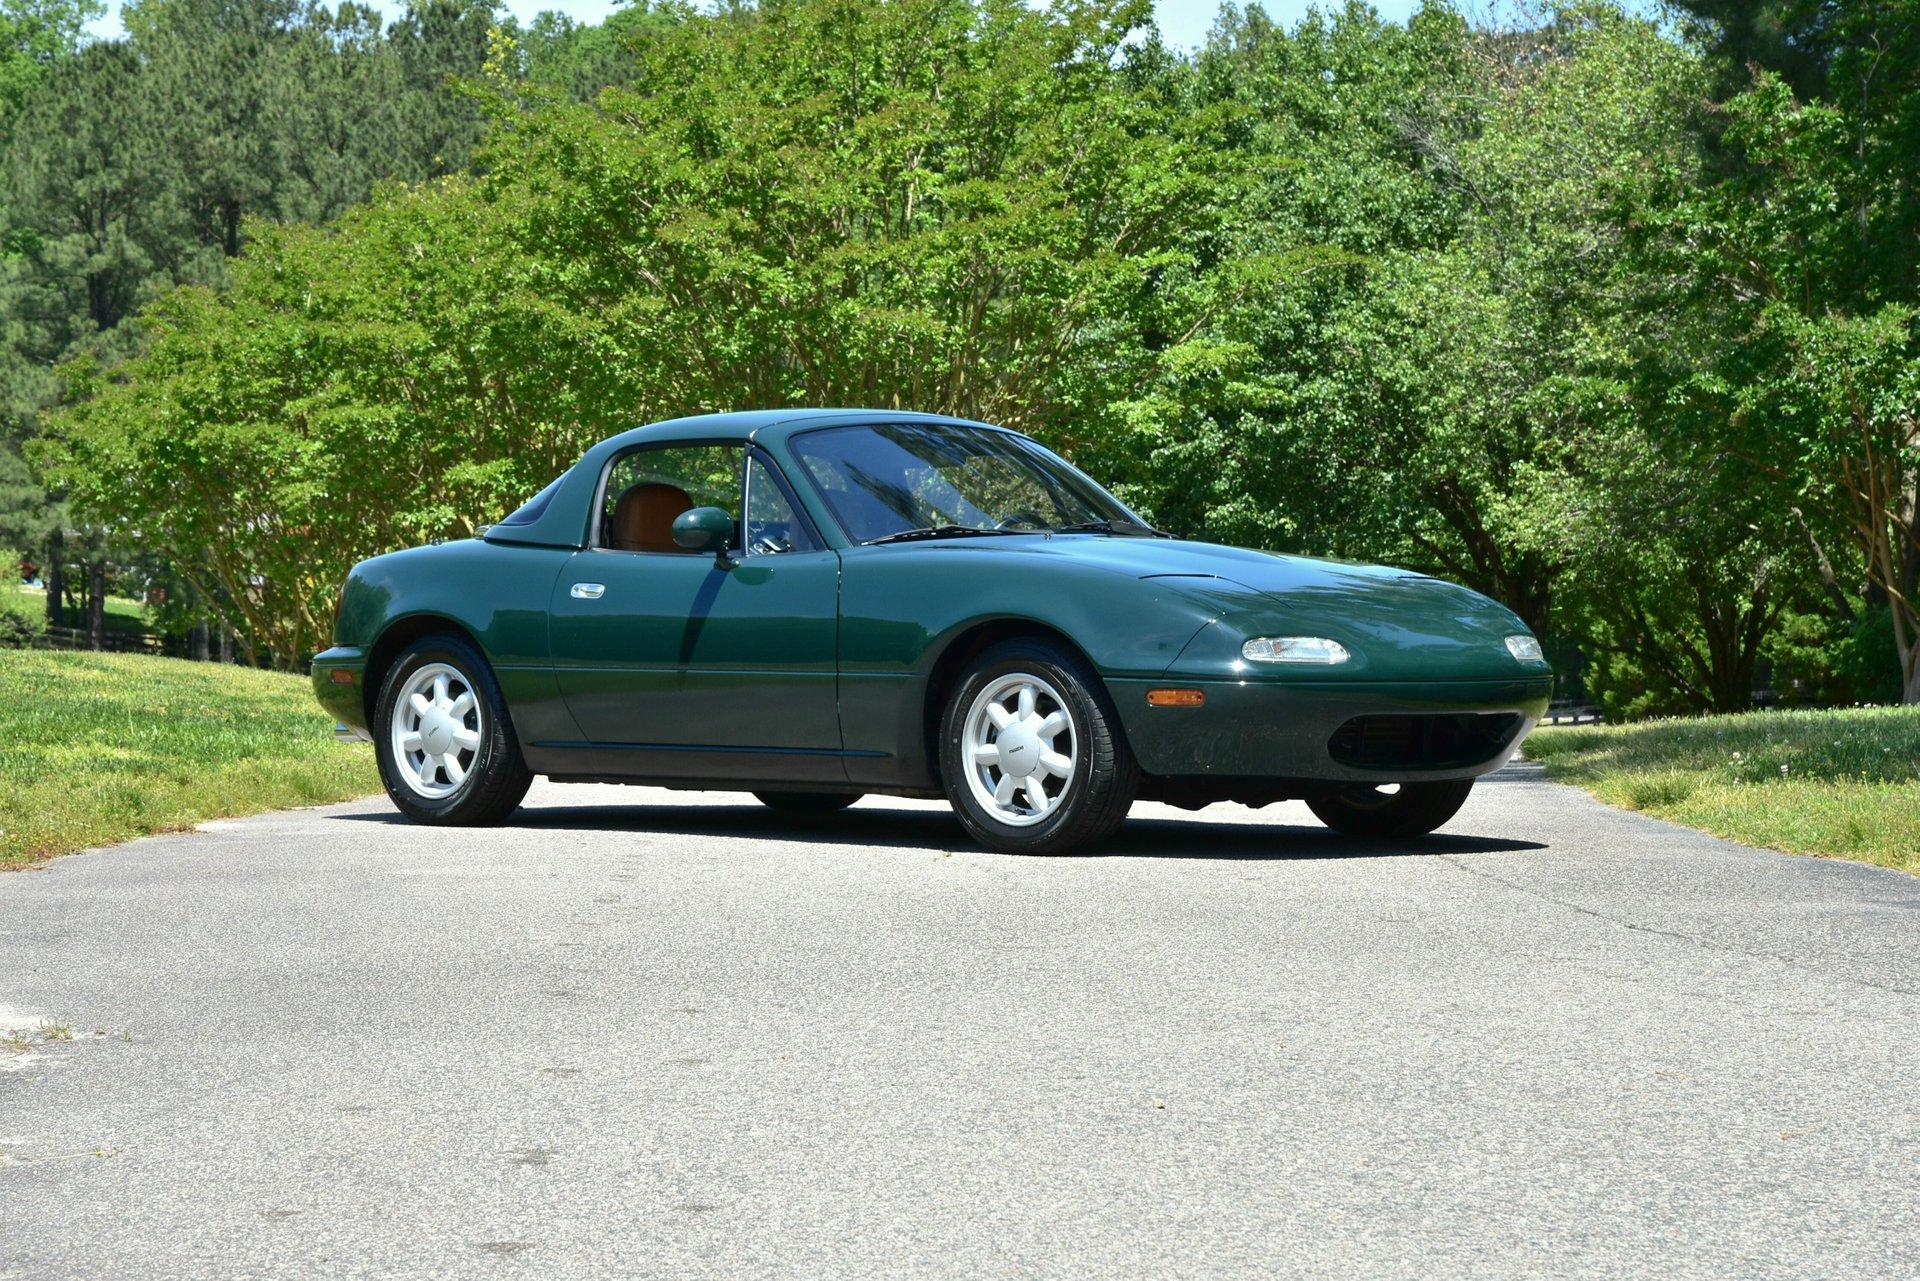 1991 Mazda Miata Special Edition front three-quarter